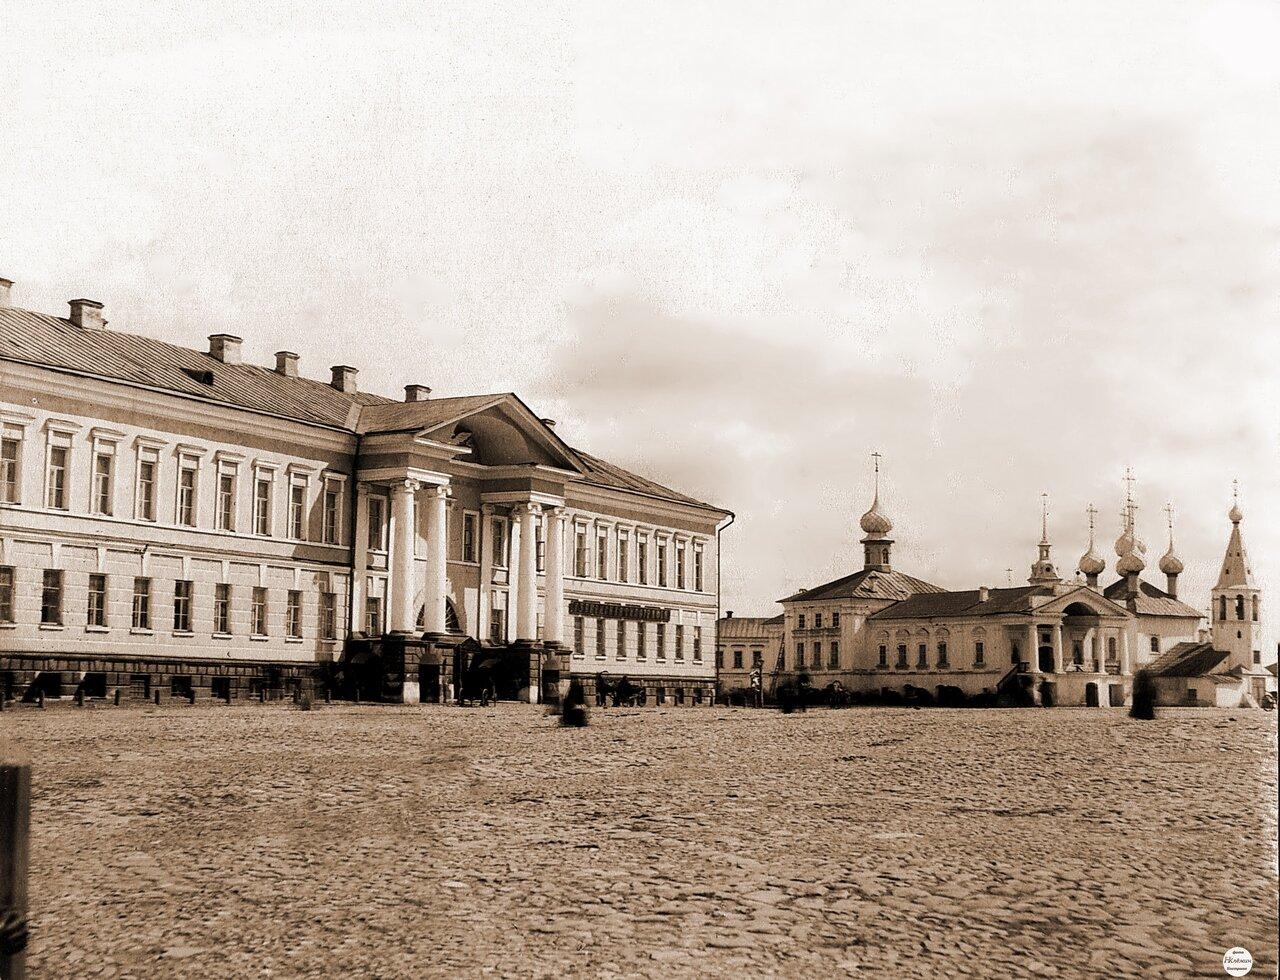 Присутственные места и церкви на площадке